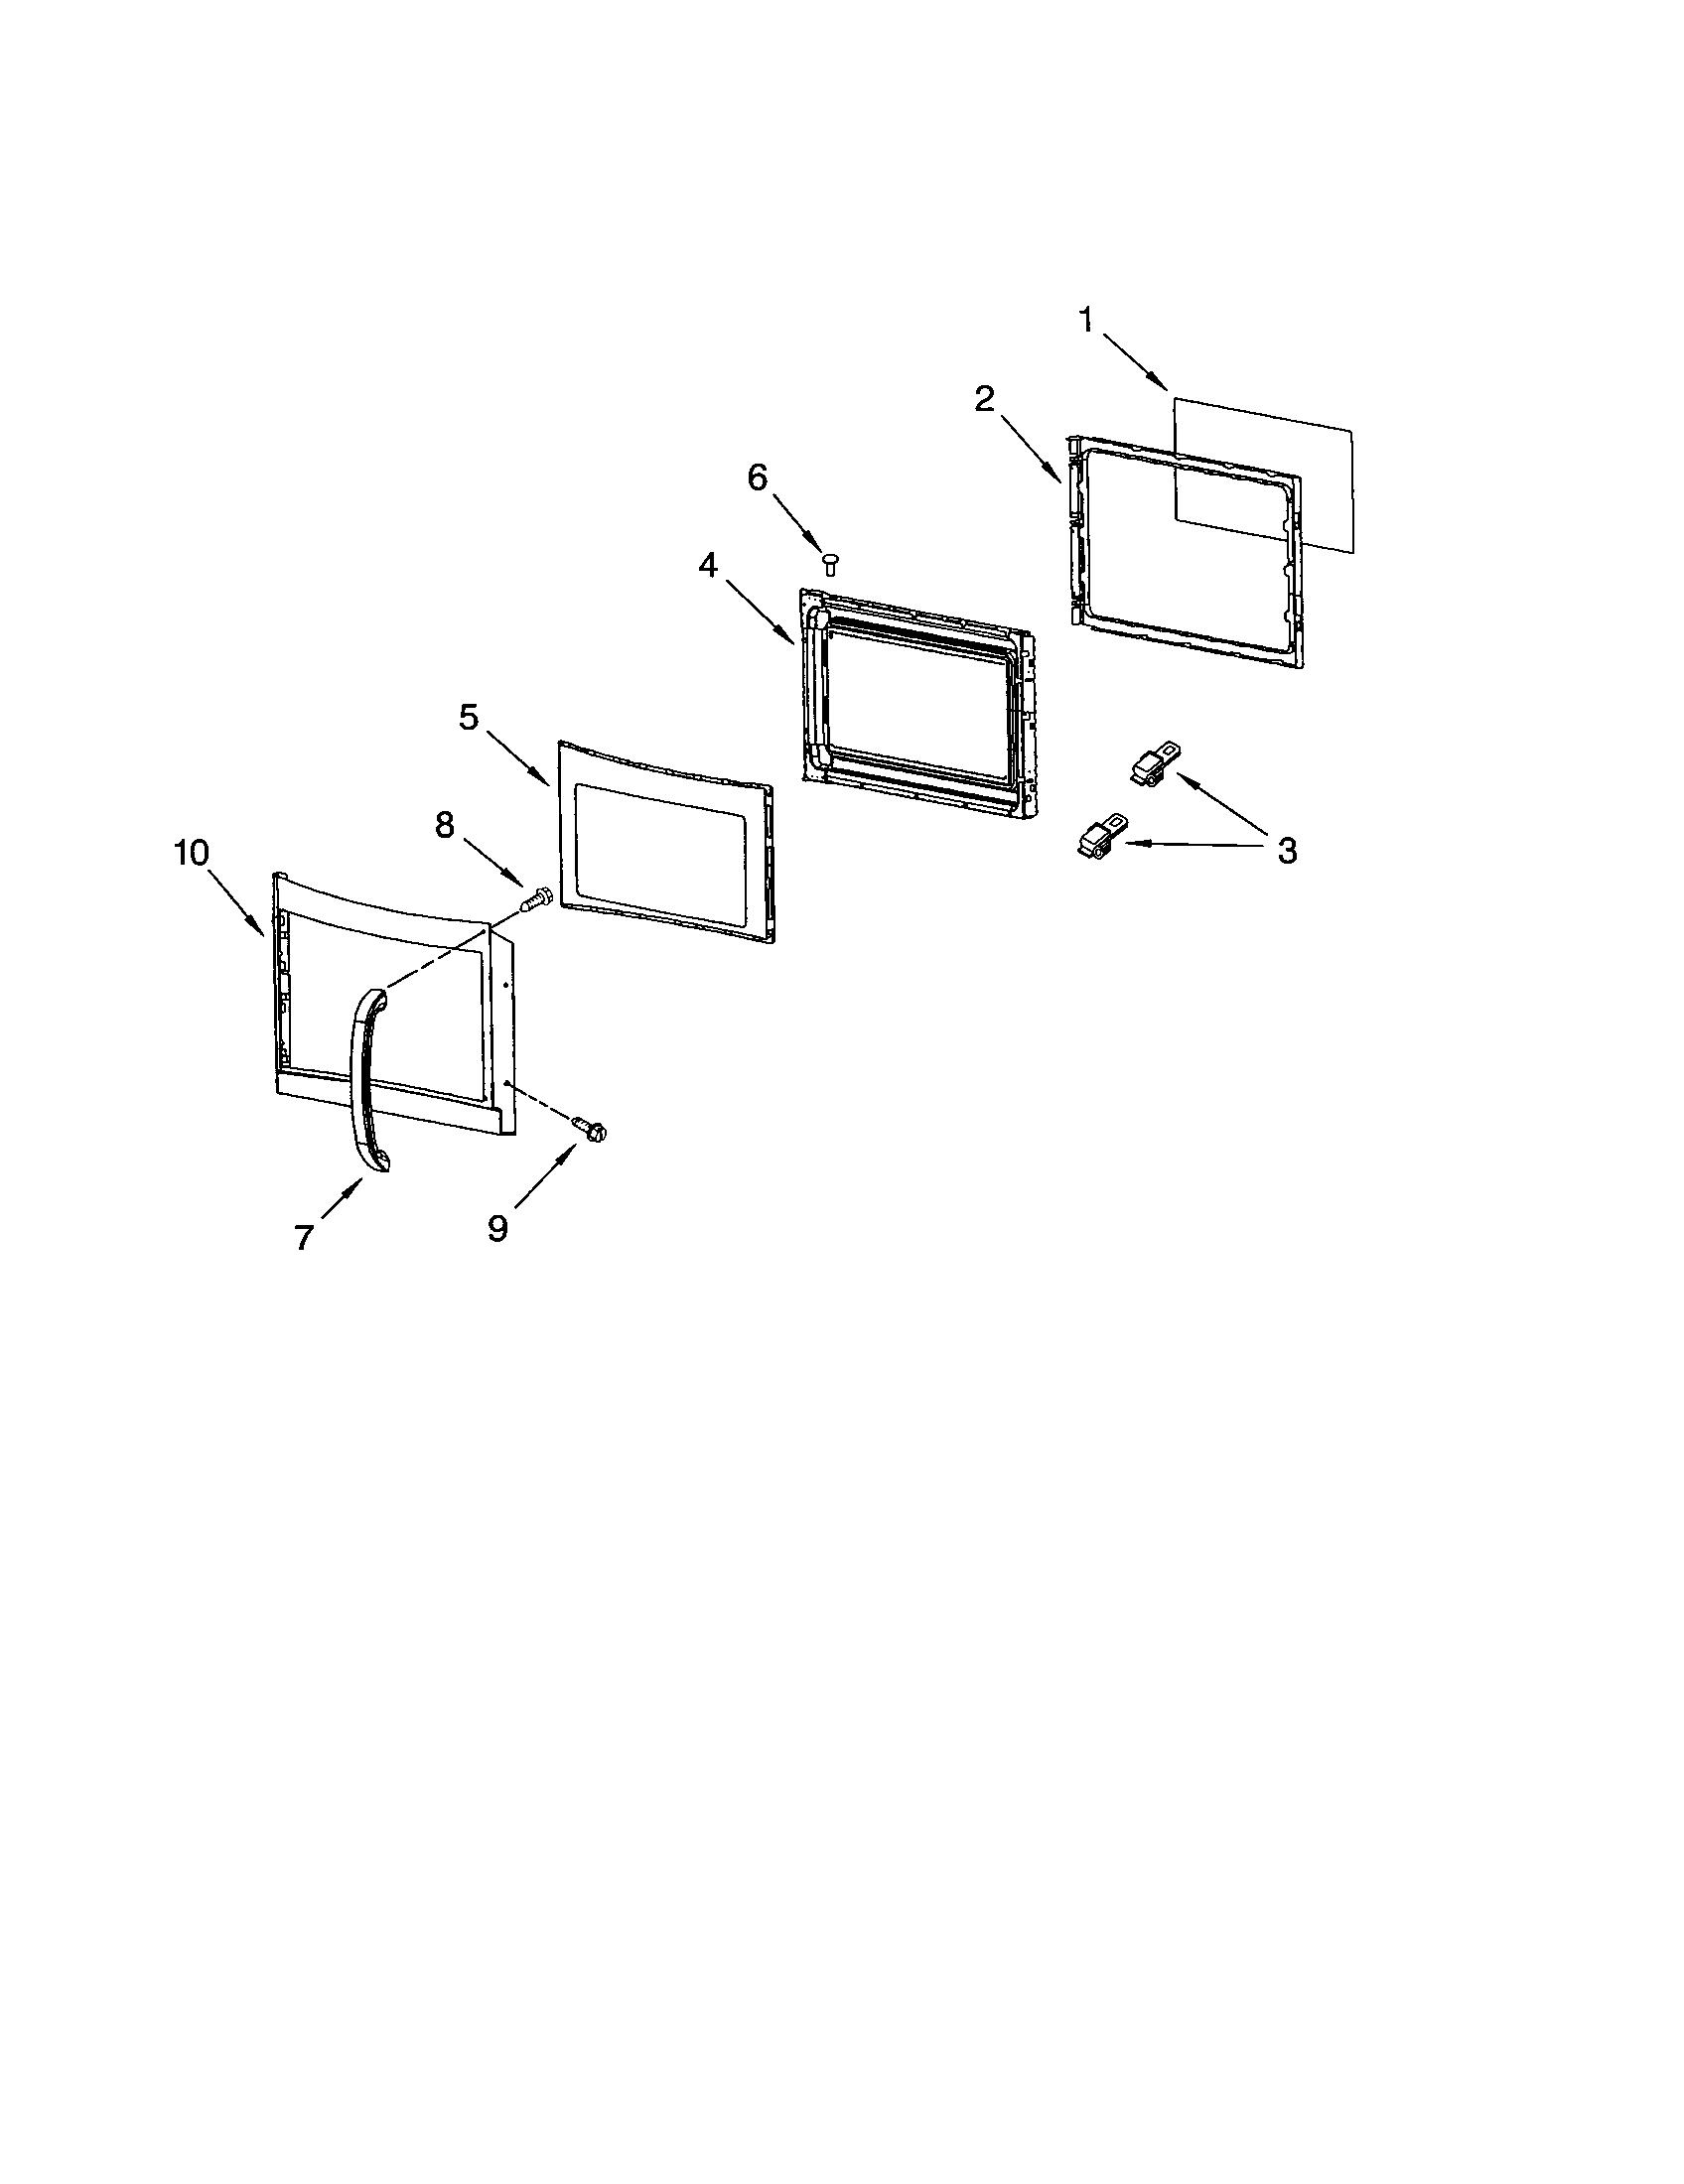 t kenmore microwave model 66561652101 manual